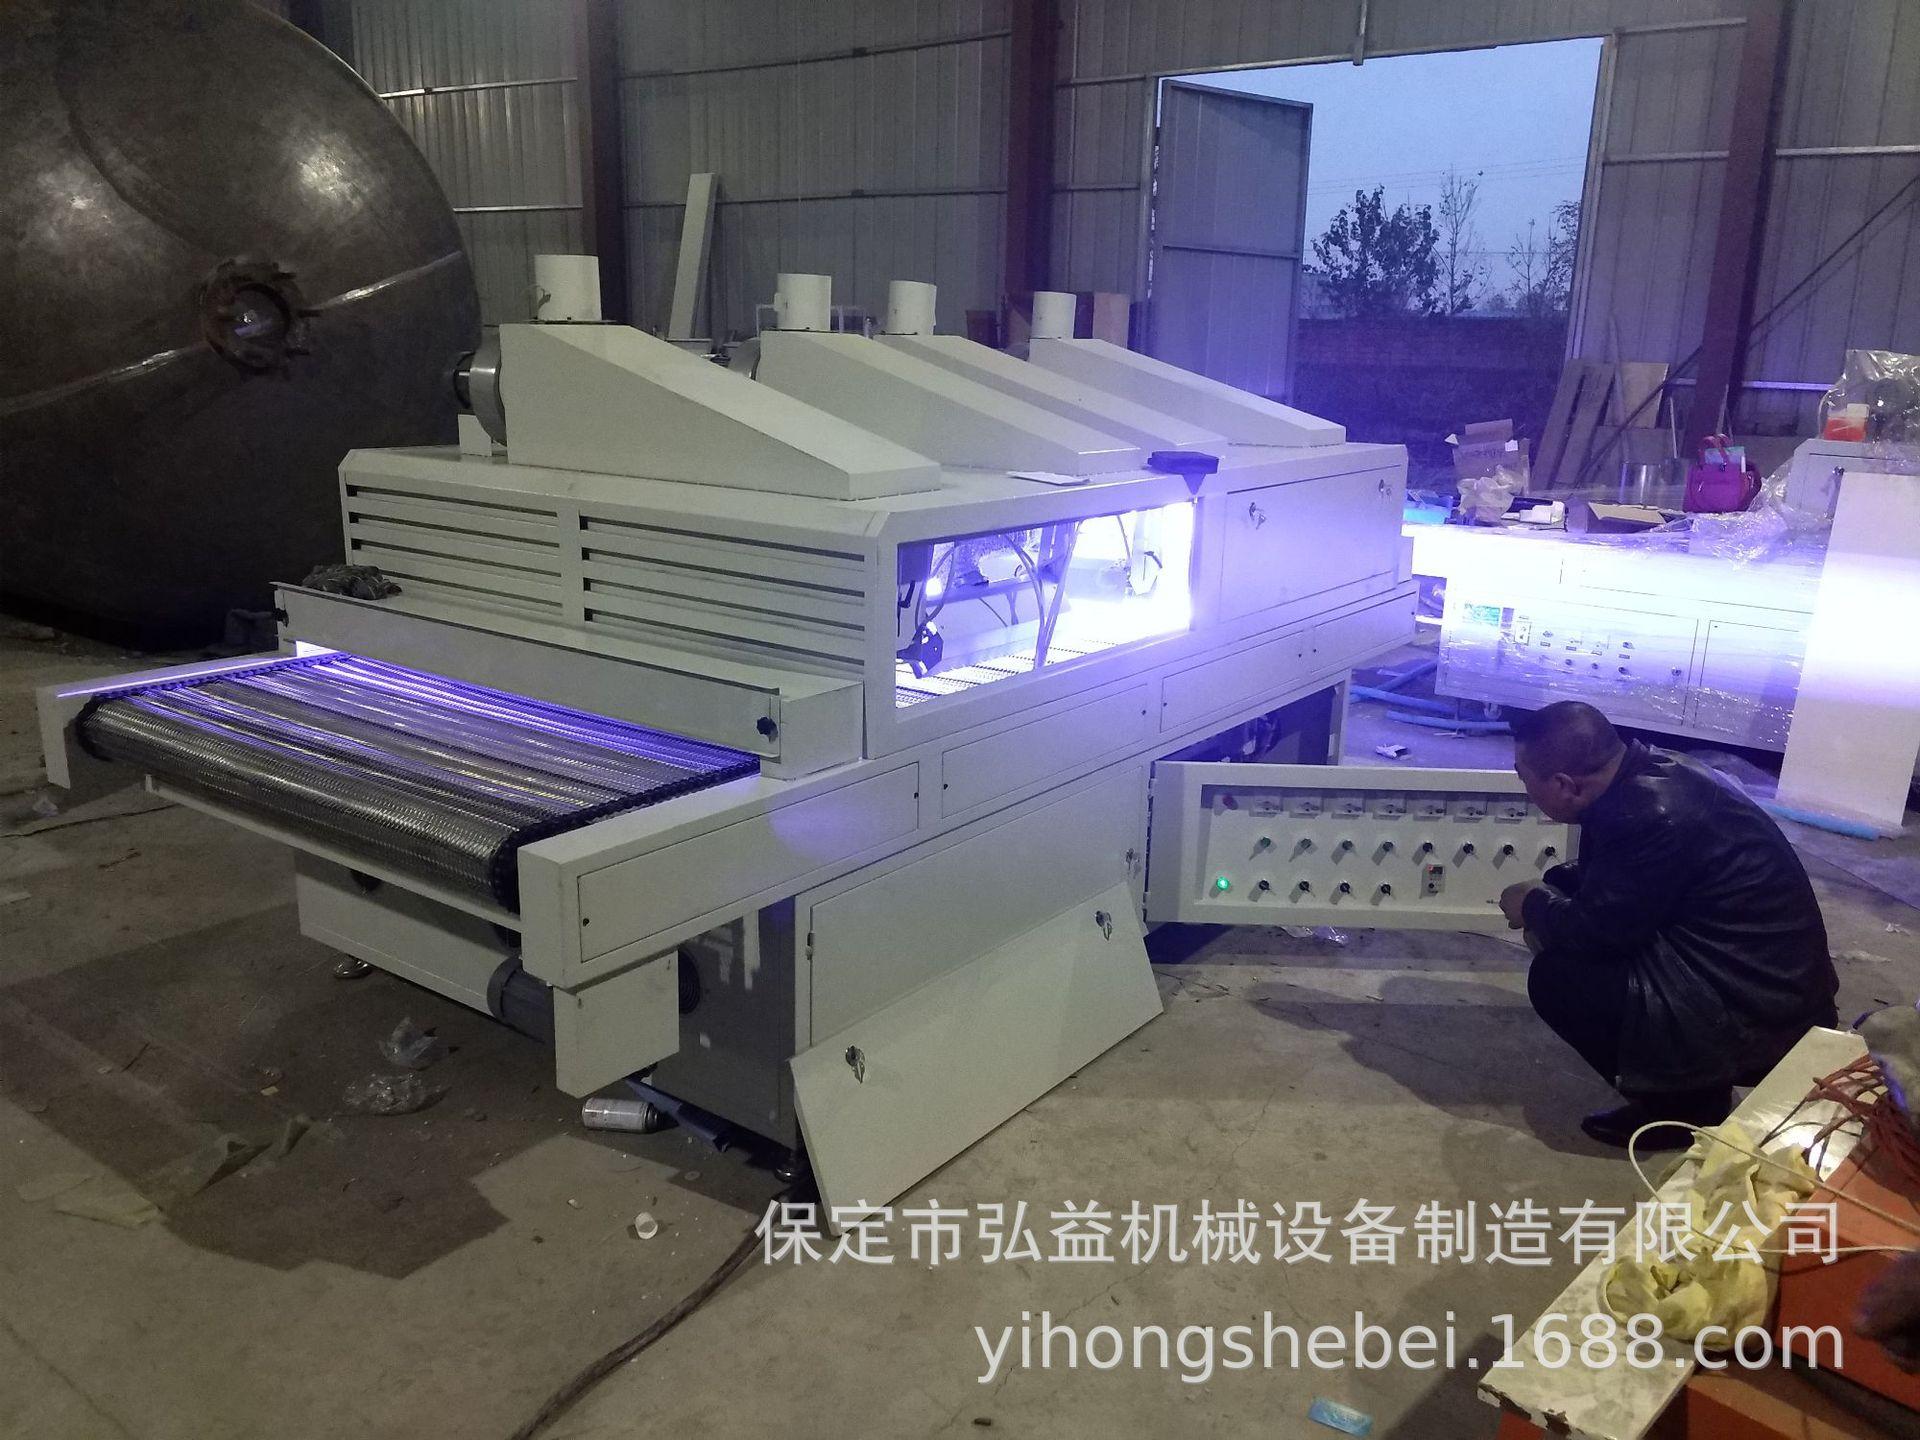 家具桌椅_厂家批发家具桌椅桌面喷涂uv混油固化设备经济型